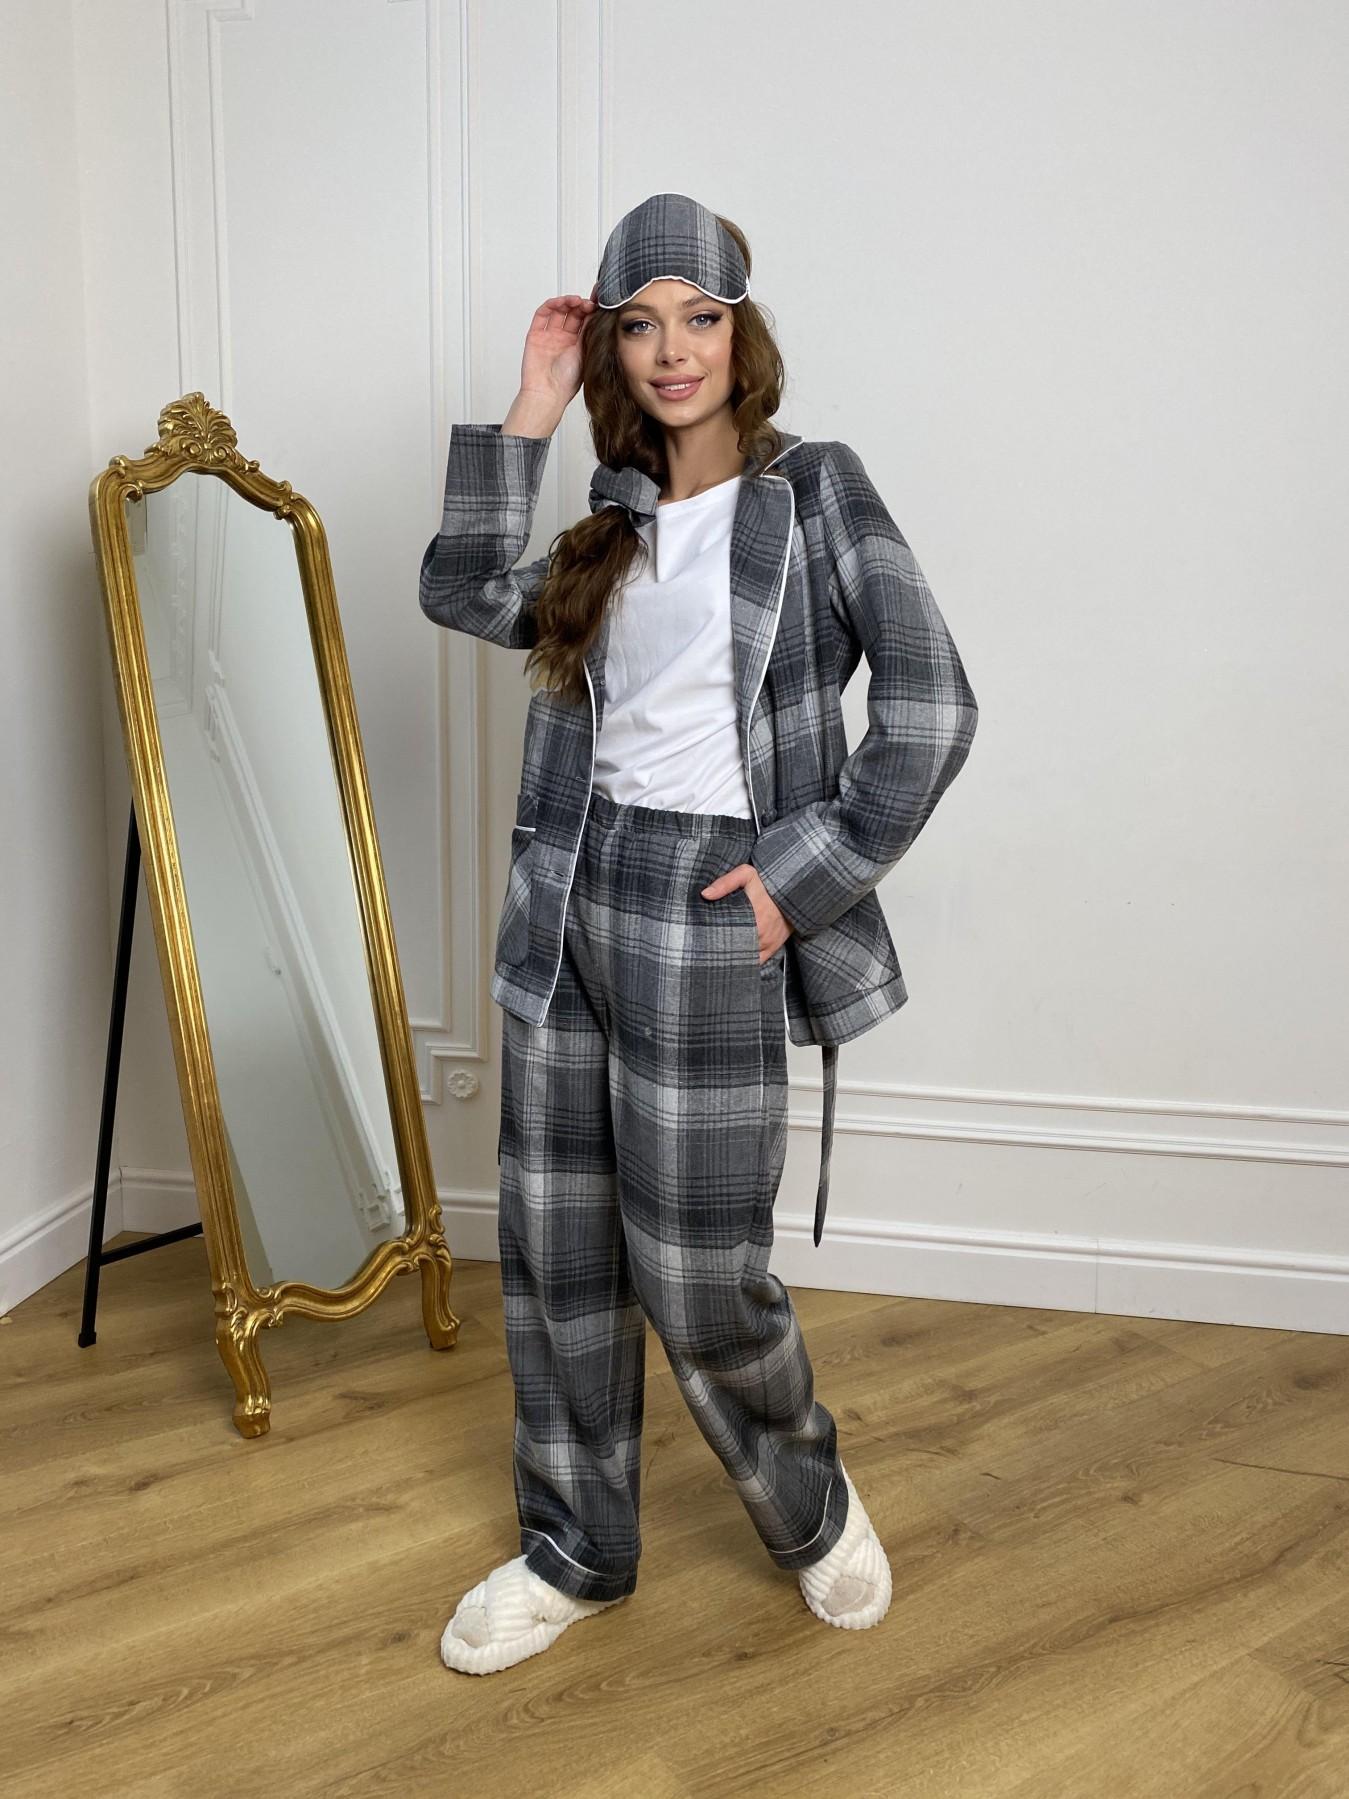 Тедди пижама в клетку из коттона(жакет,футболка,брюки,маска,резинка) 10384 АРТ. 46910 Цвет: Т.серый/серый - фото 4, интернет магазин tm-modus.ru